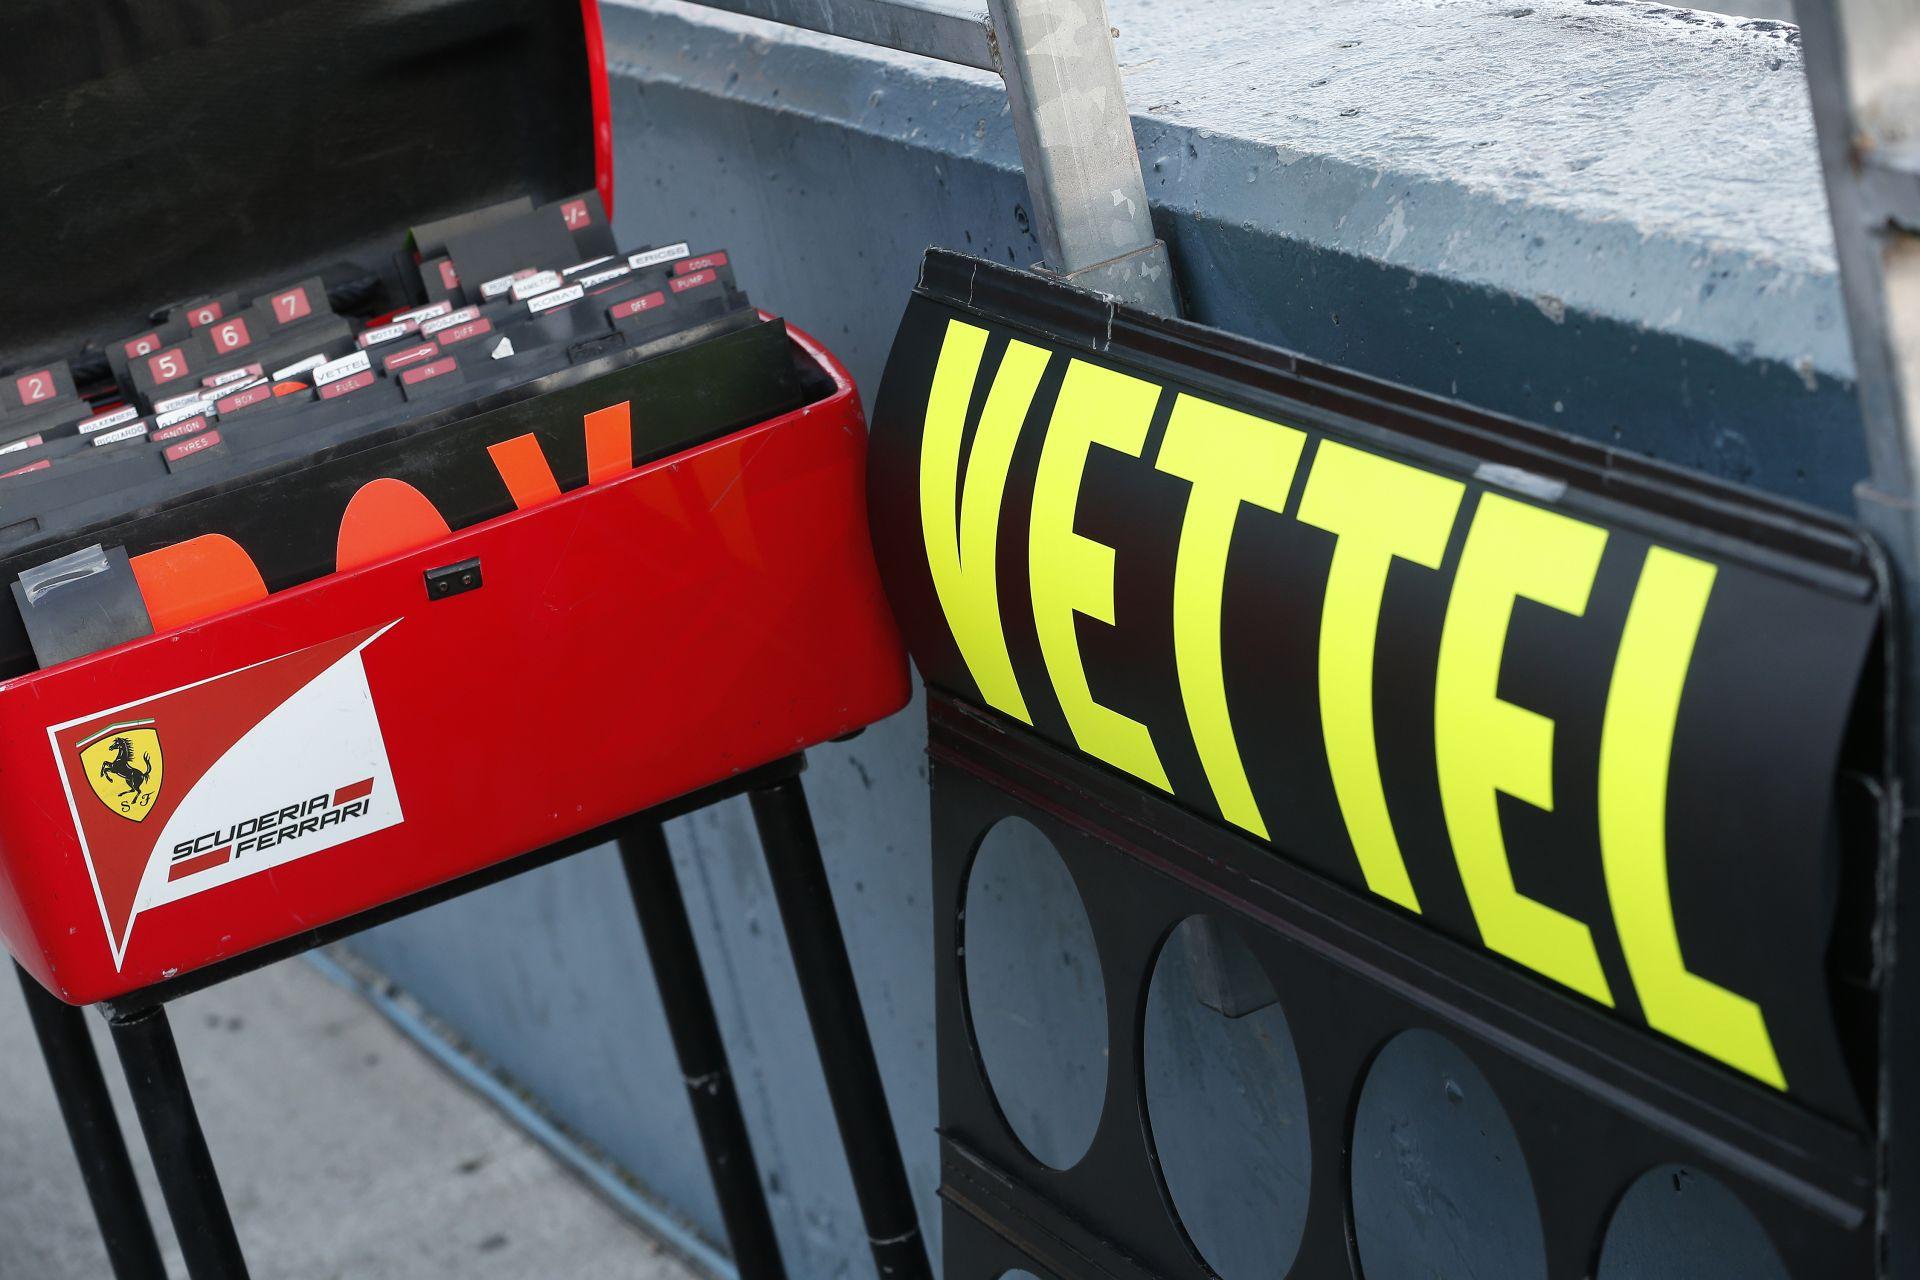 Nemcsak, hogy jól fogyaszt az új F1-es Ferrari, de a gumikezelése is rendben van